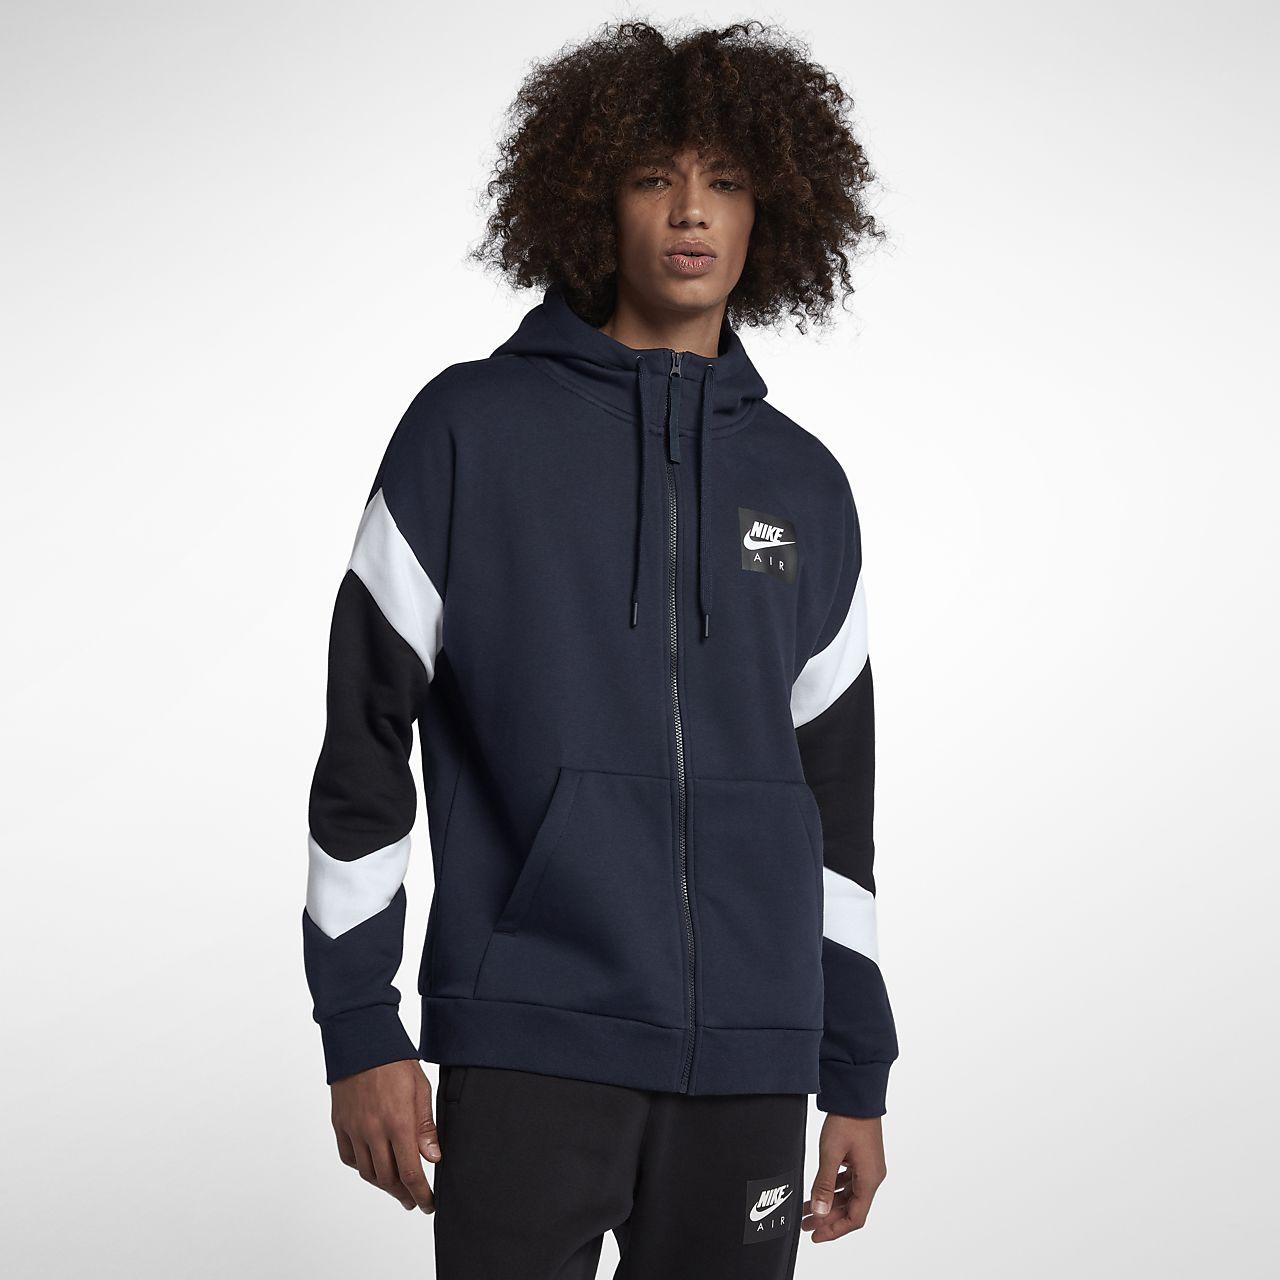 caa183cb1a8 Ανδρική μπλούζα με κουκούλα και φερμουάρ Nike Sportswear Air. Nike ...